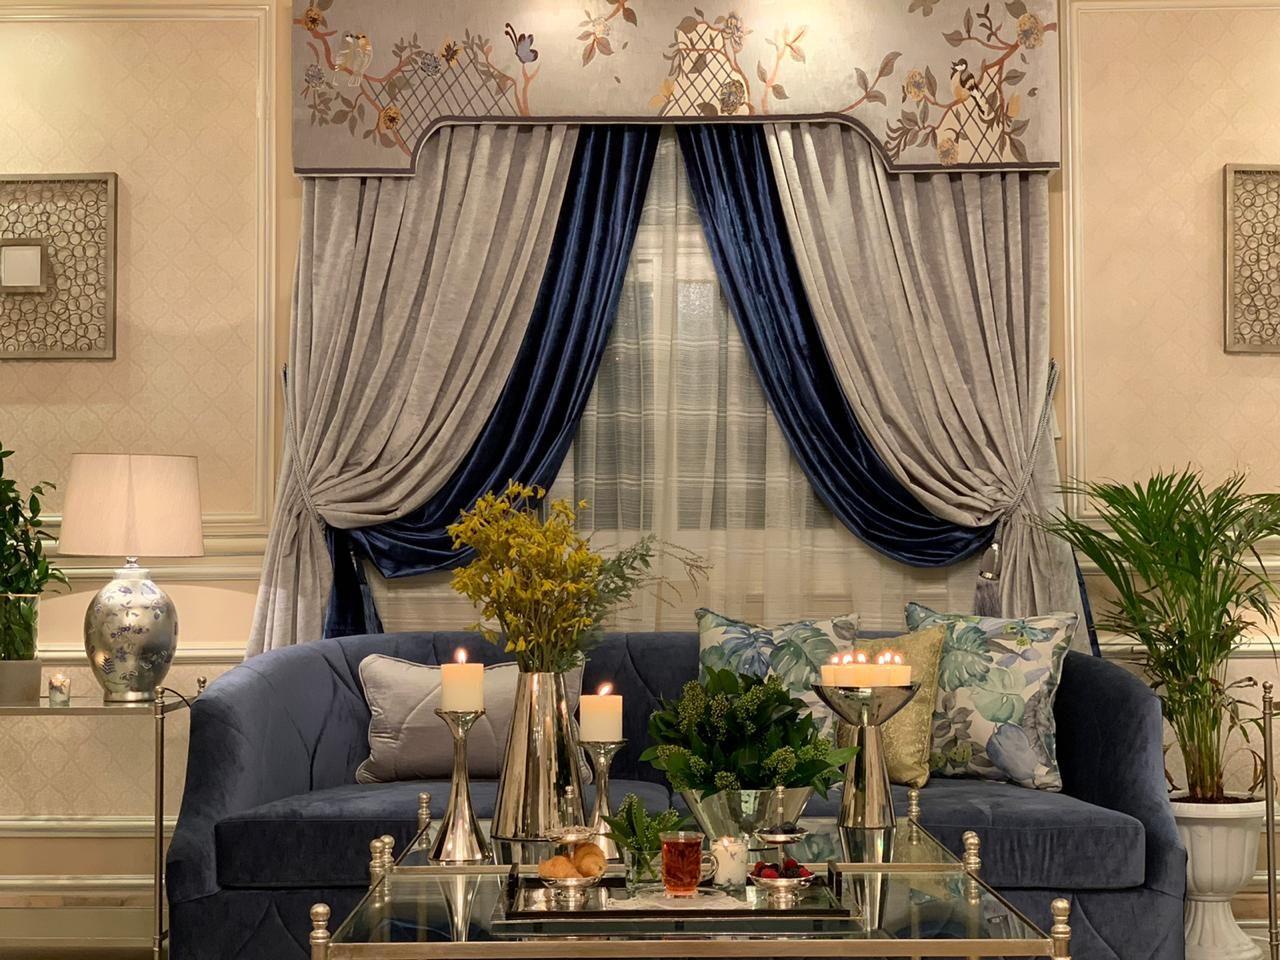 كنب نيو كلاسيك روعة من تصميم وتنفيذ جلستي المطرزة كنب المصممة أريج الهيلا جوال 0506711821 Decor Home Home Decor